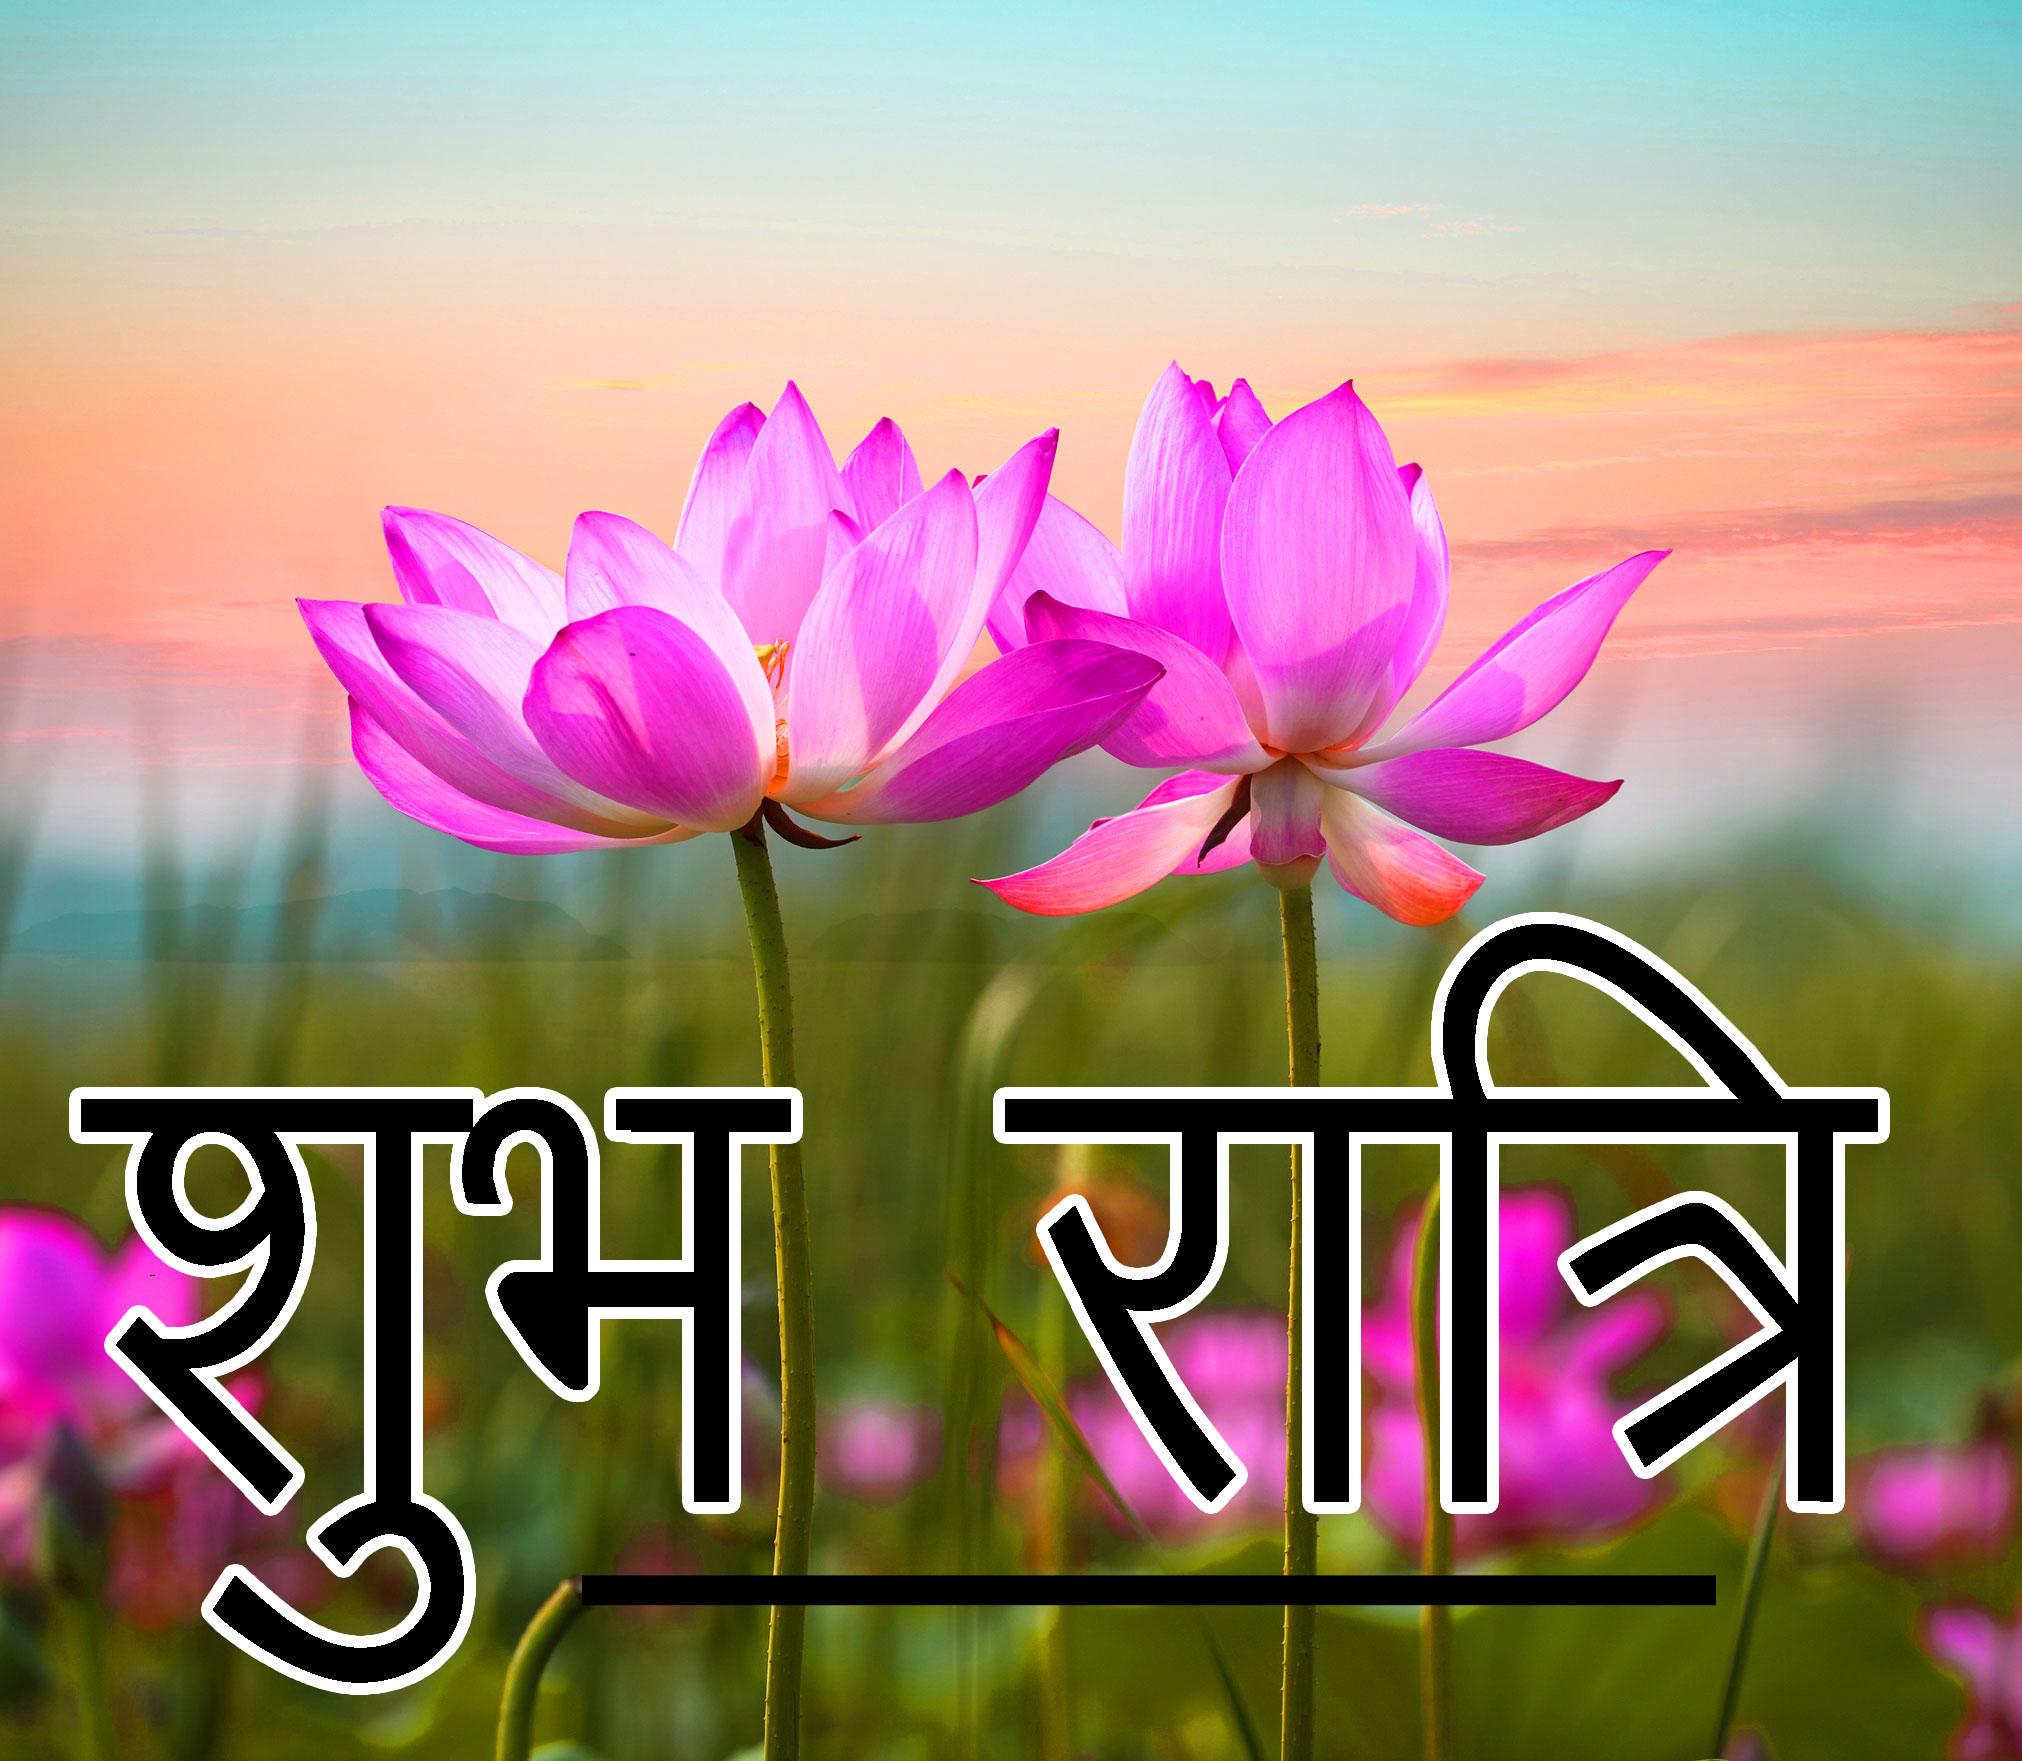 Shubh Ratri Wallpaper 10